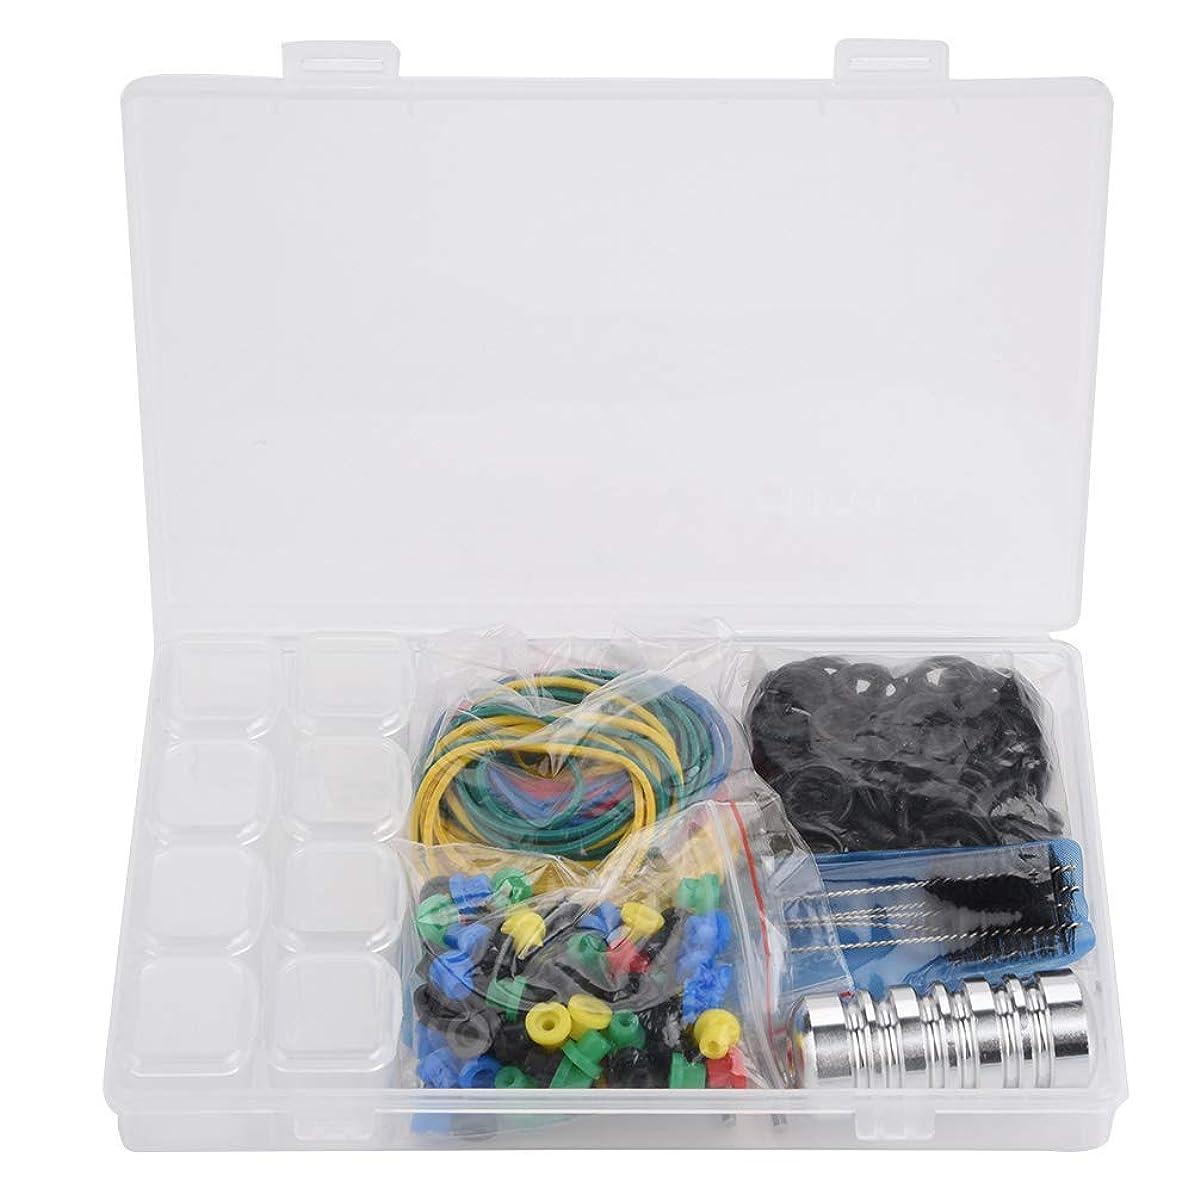 方法論若い灰タトゥーマシンアクセサリー、ゴムバンド タトゥー針などが豊富で、収納ボックス付き